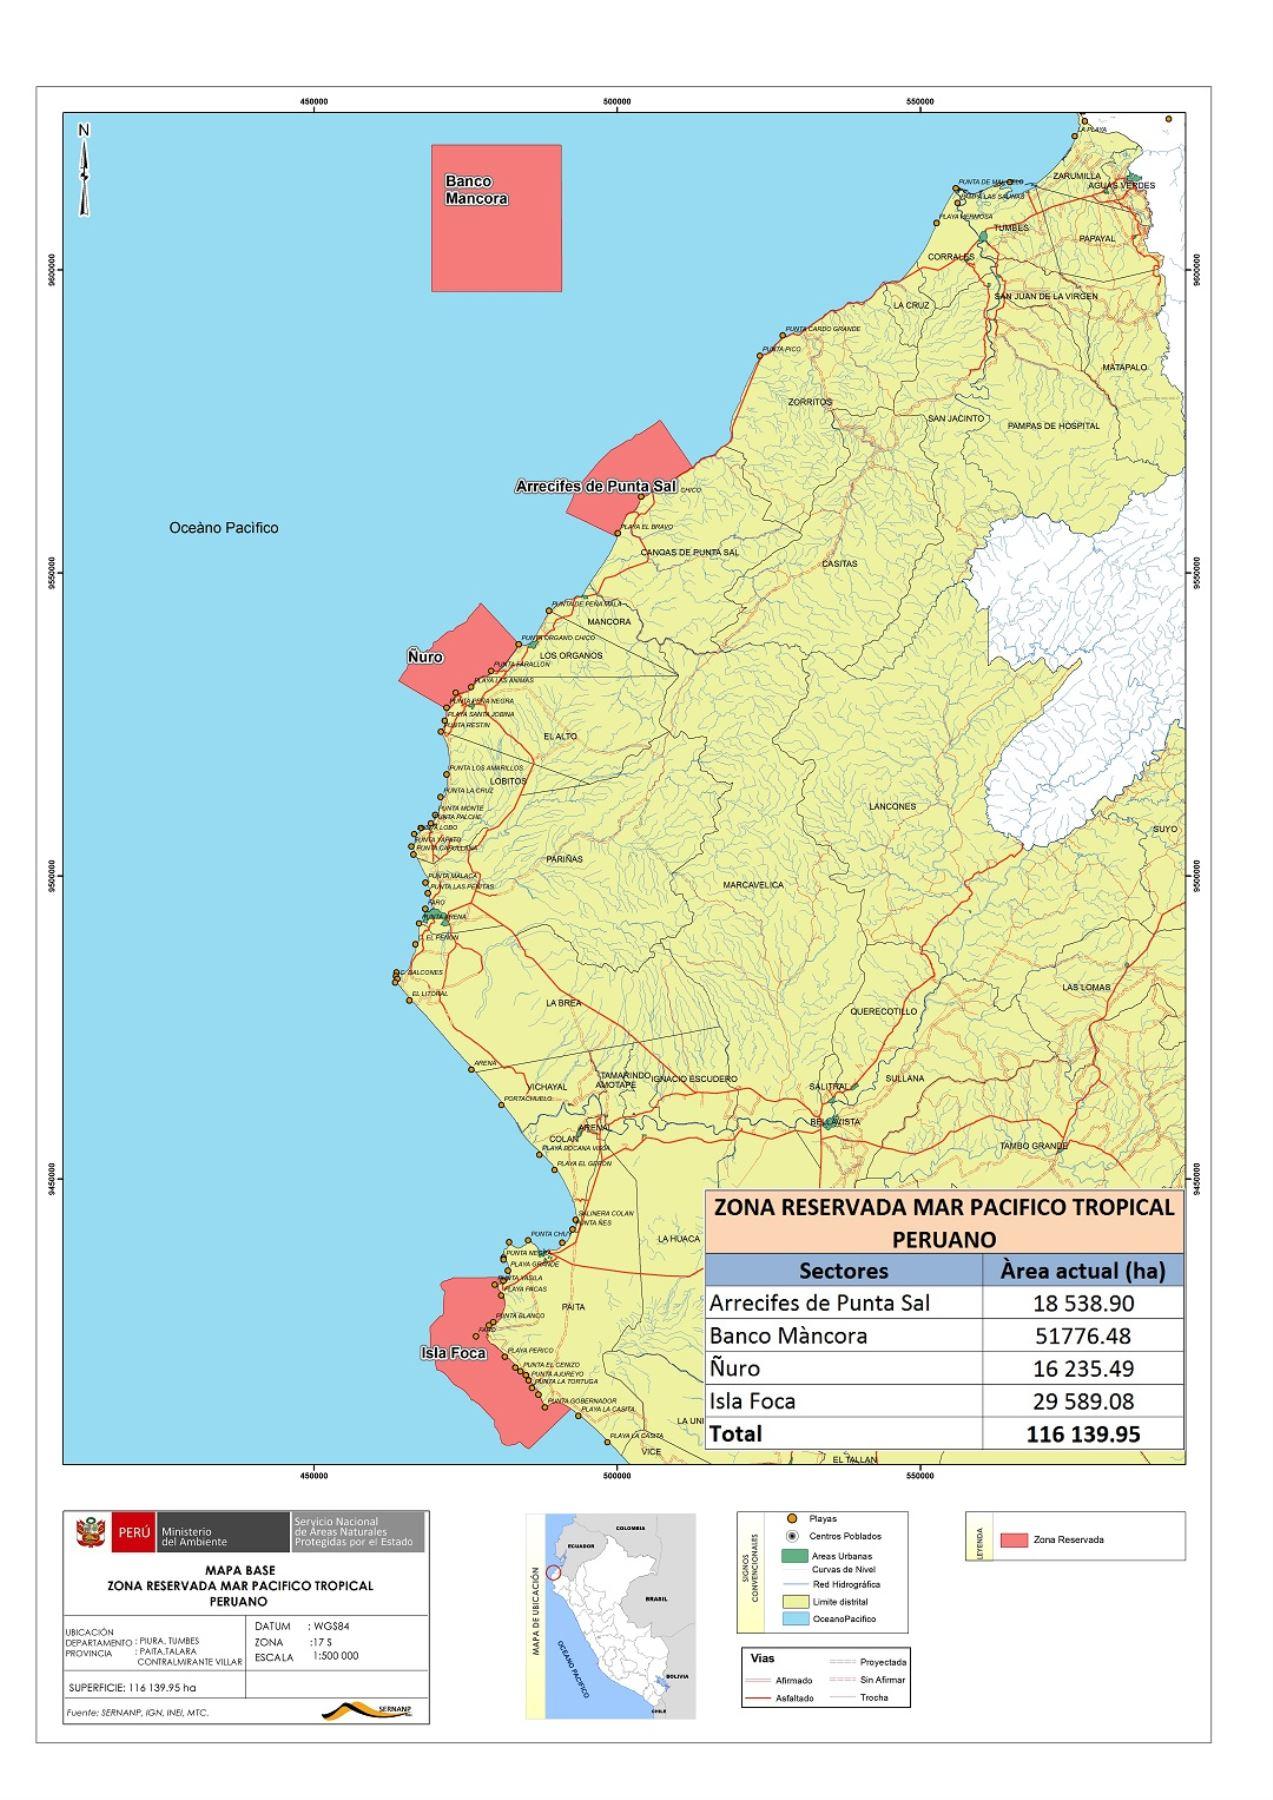 El establecimiento de la zona reservada Mar Pacífico Tropical permitirá conservar la rica biodiversidad y frenaría la pesca ilegal que amenaza a esa zona del litoral norte peruano.